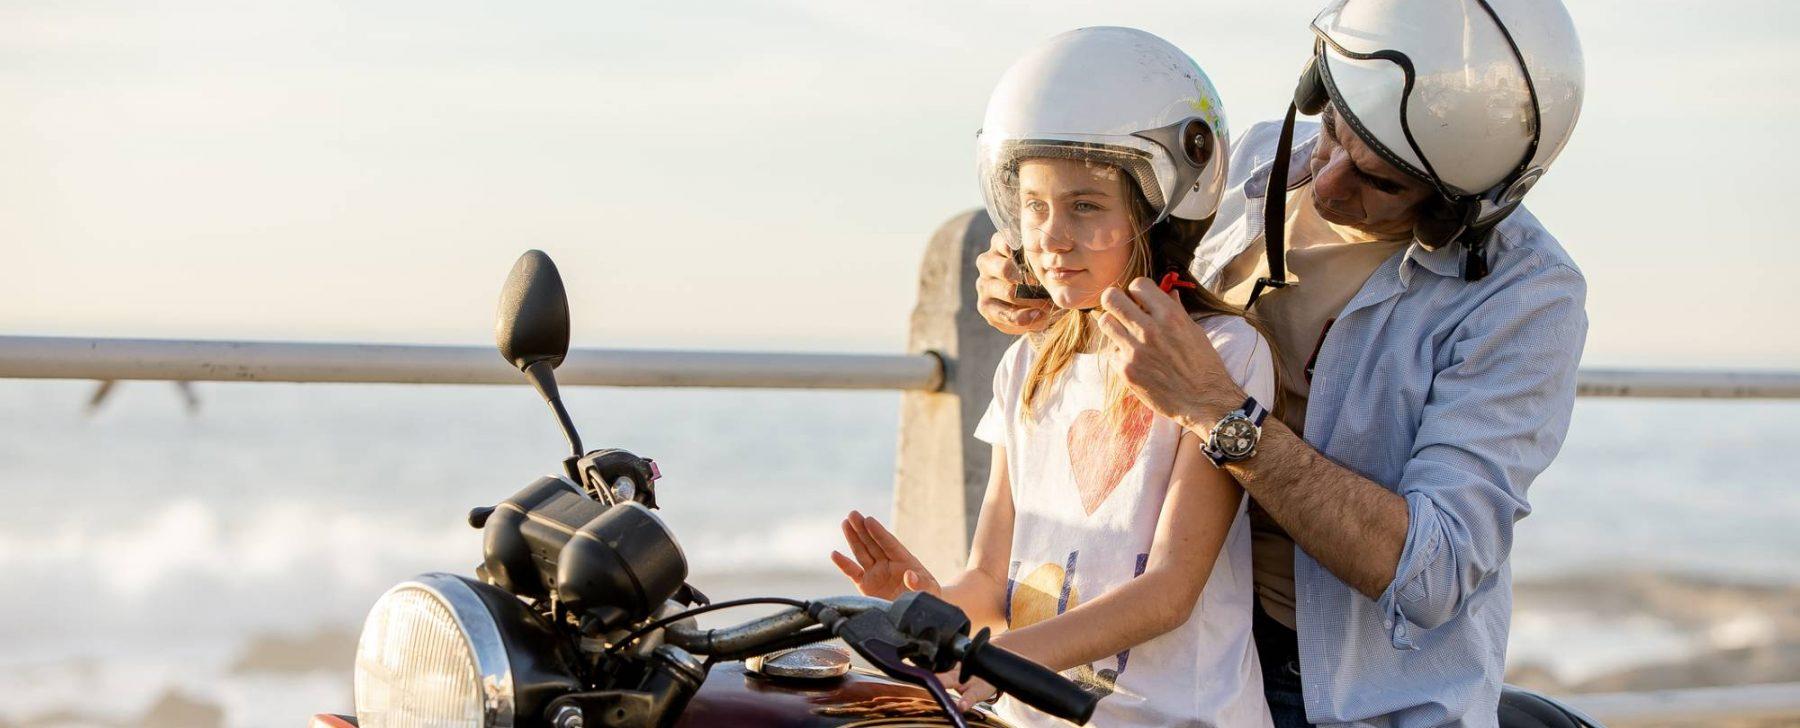 Como llevar a un niño en moto